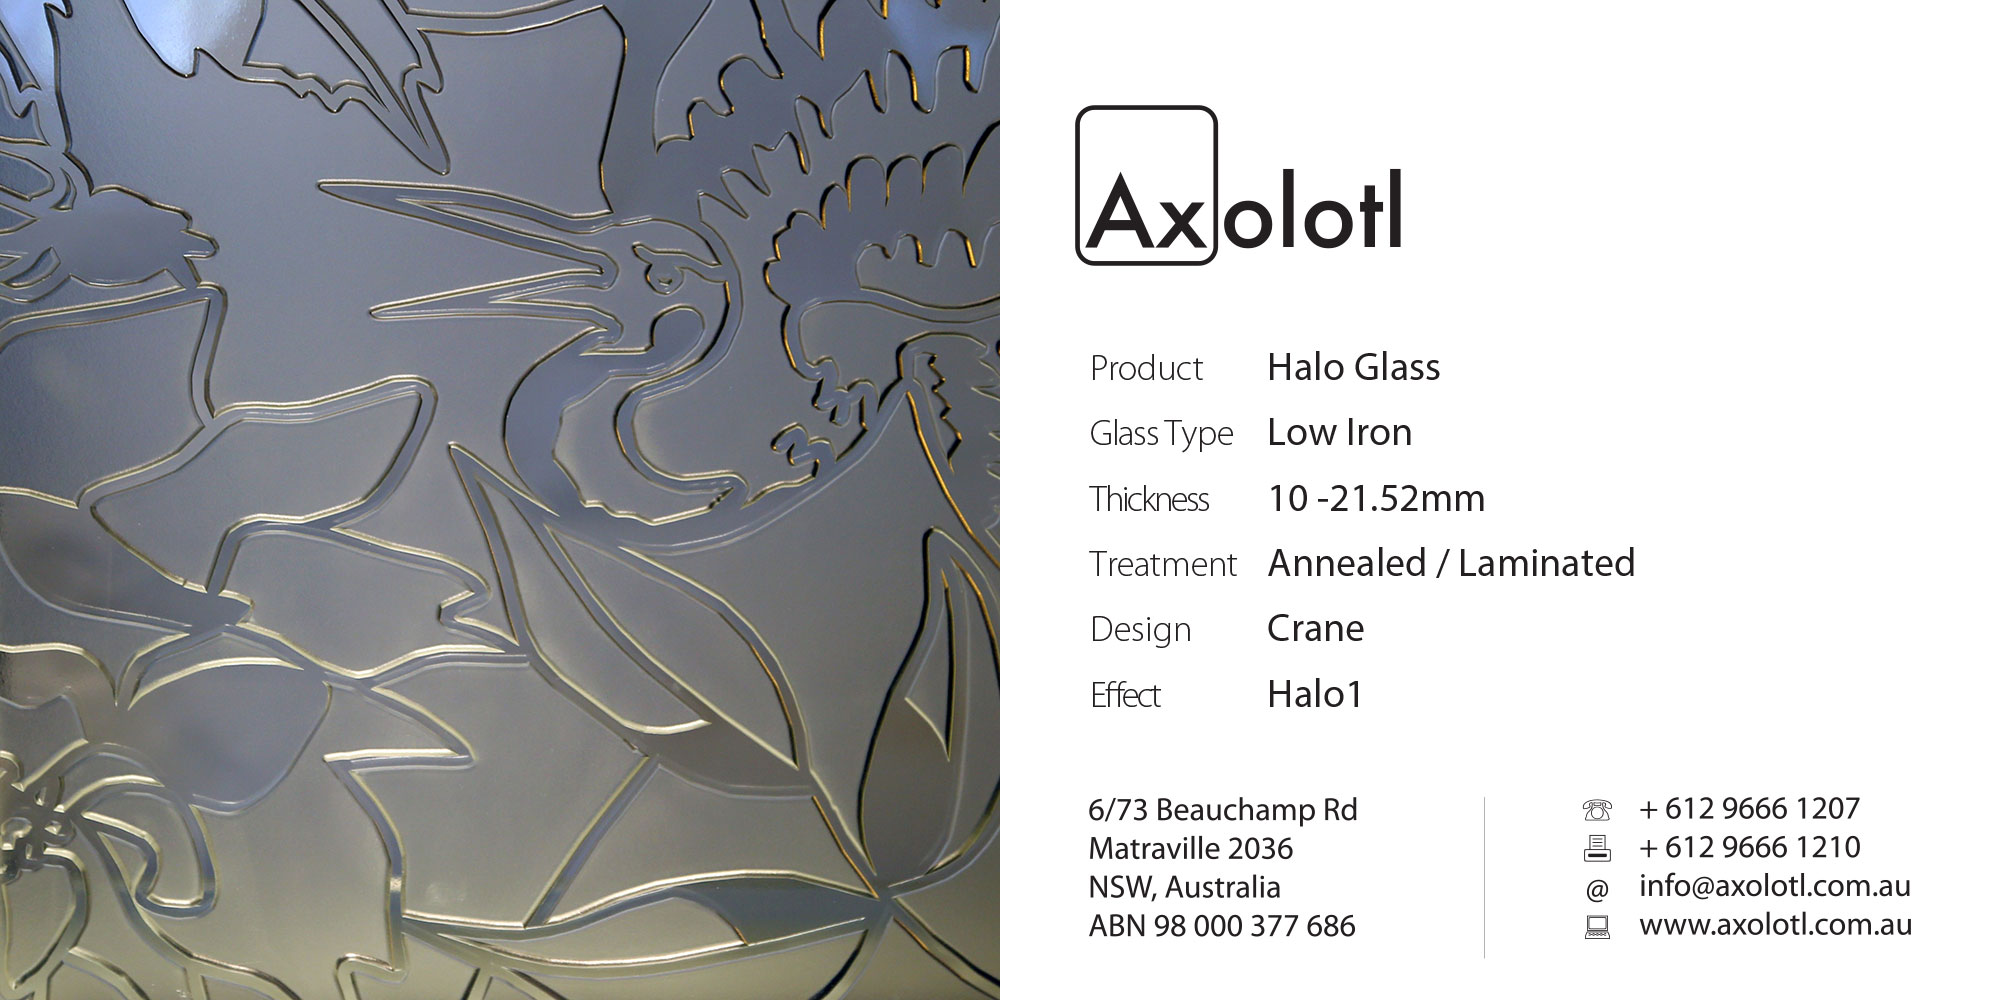 Axolotl_Halo_Crane.jpg